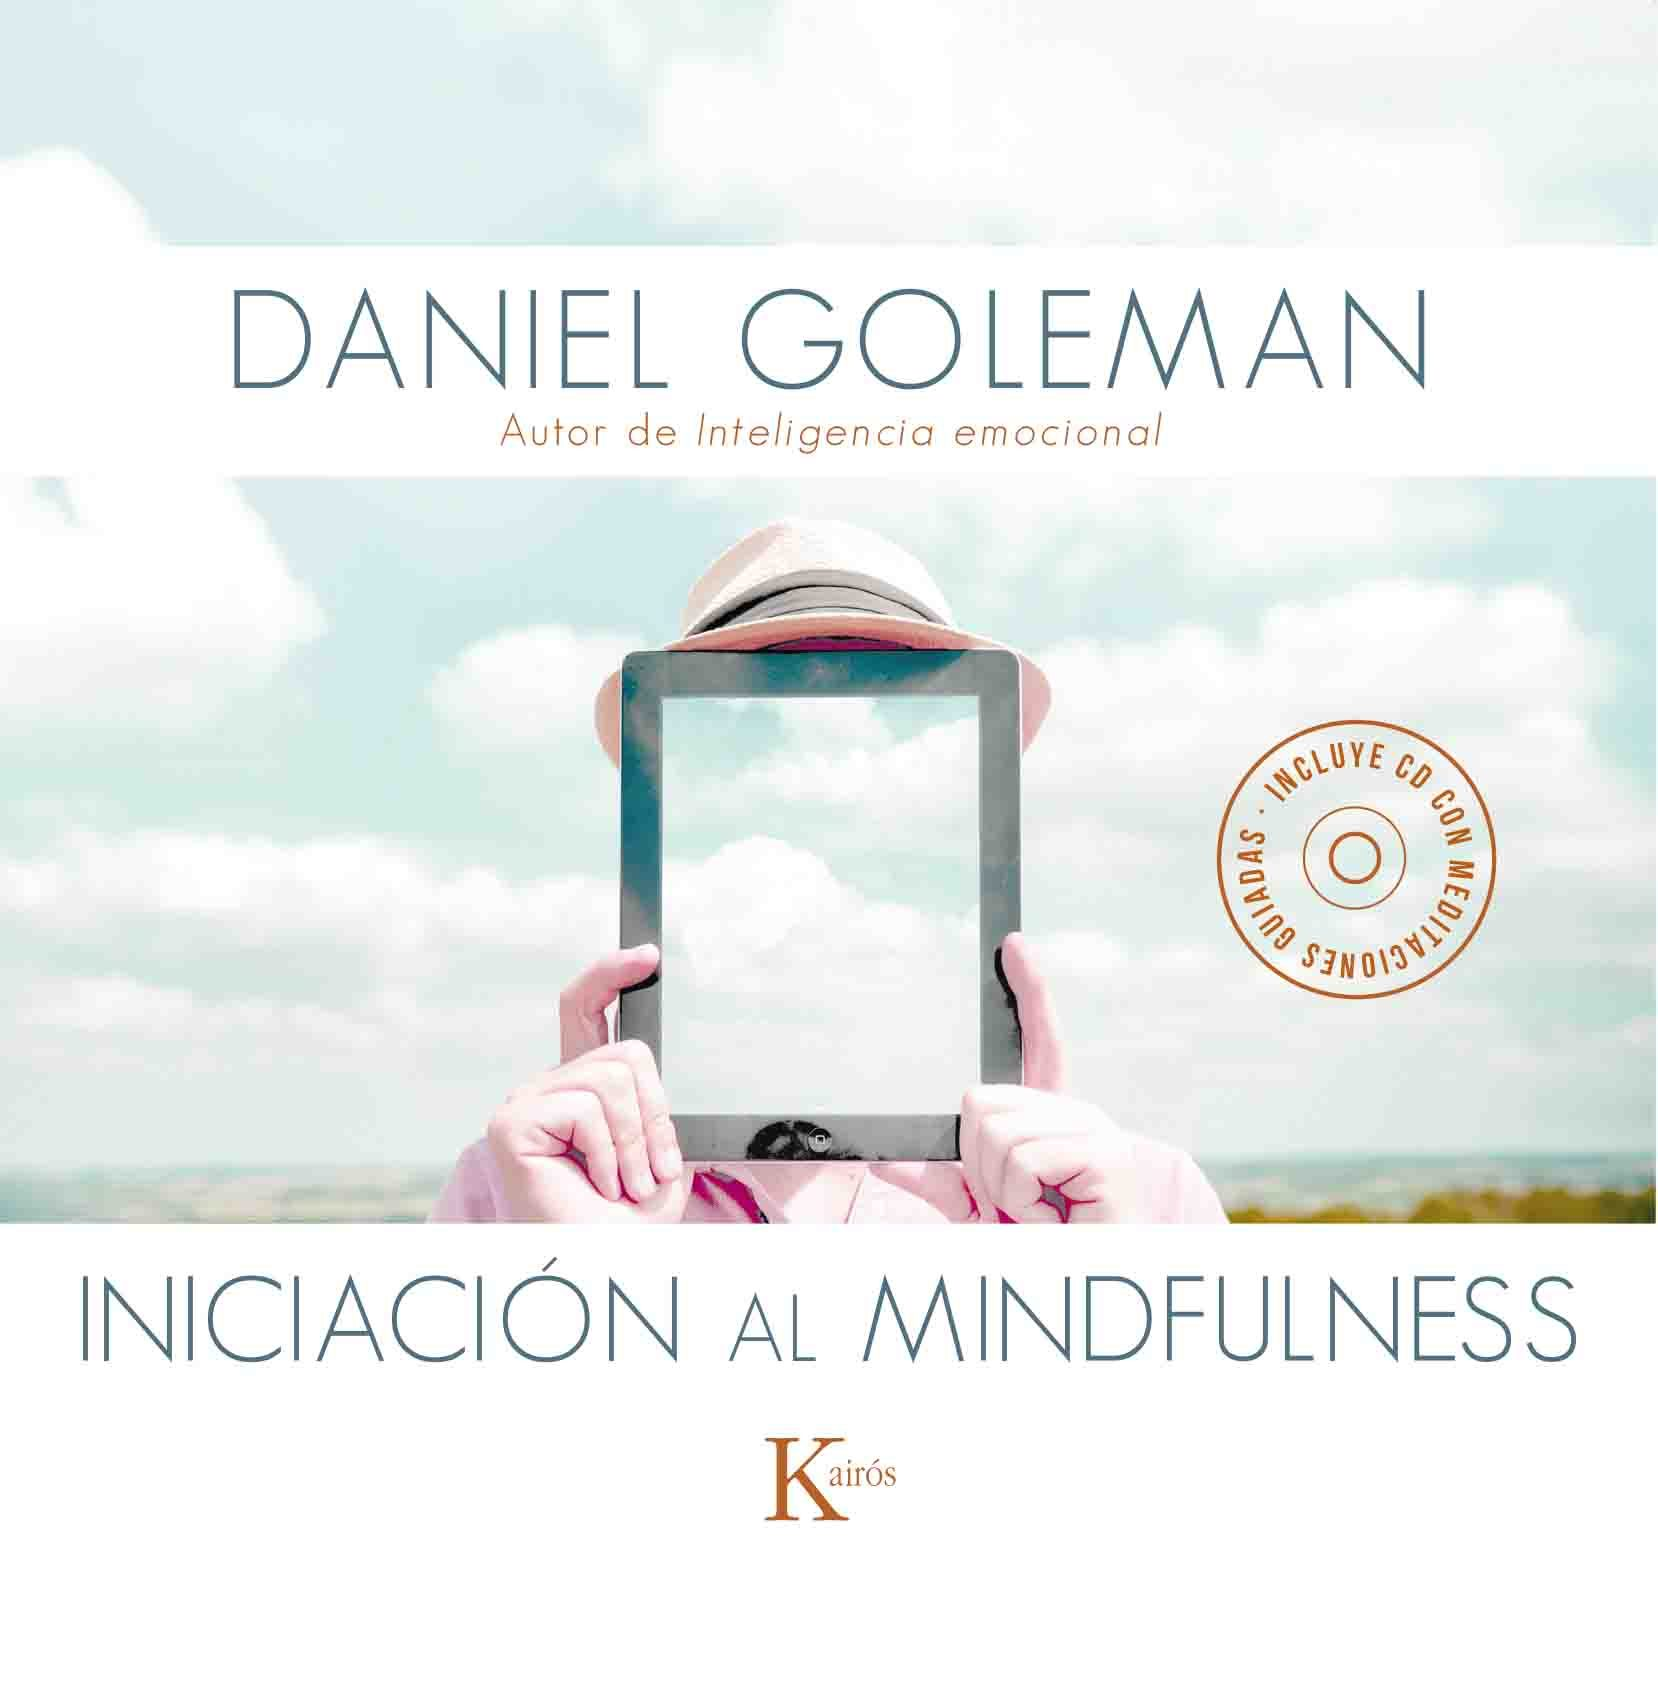 Libro relacionado - Incluye meditaciones guiadas